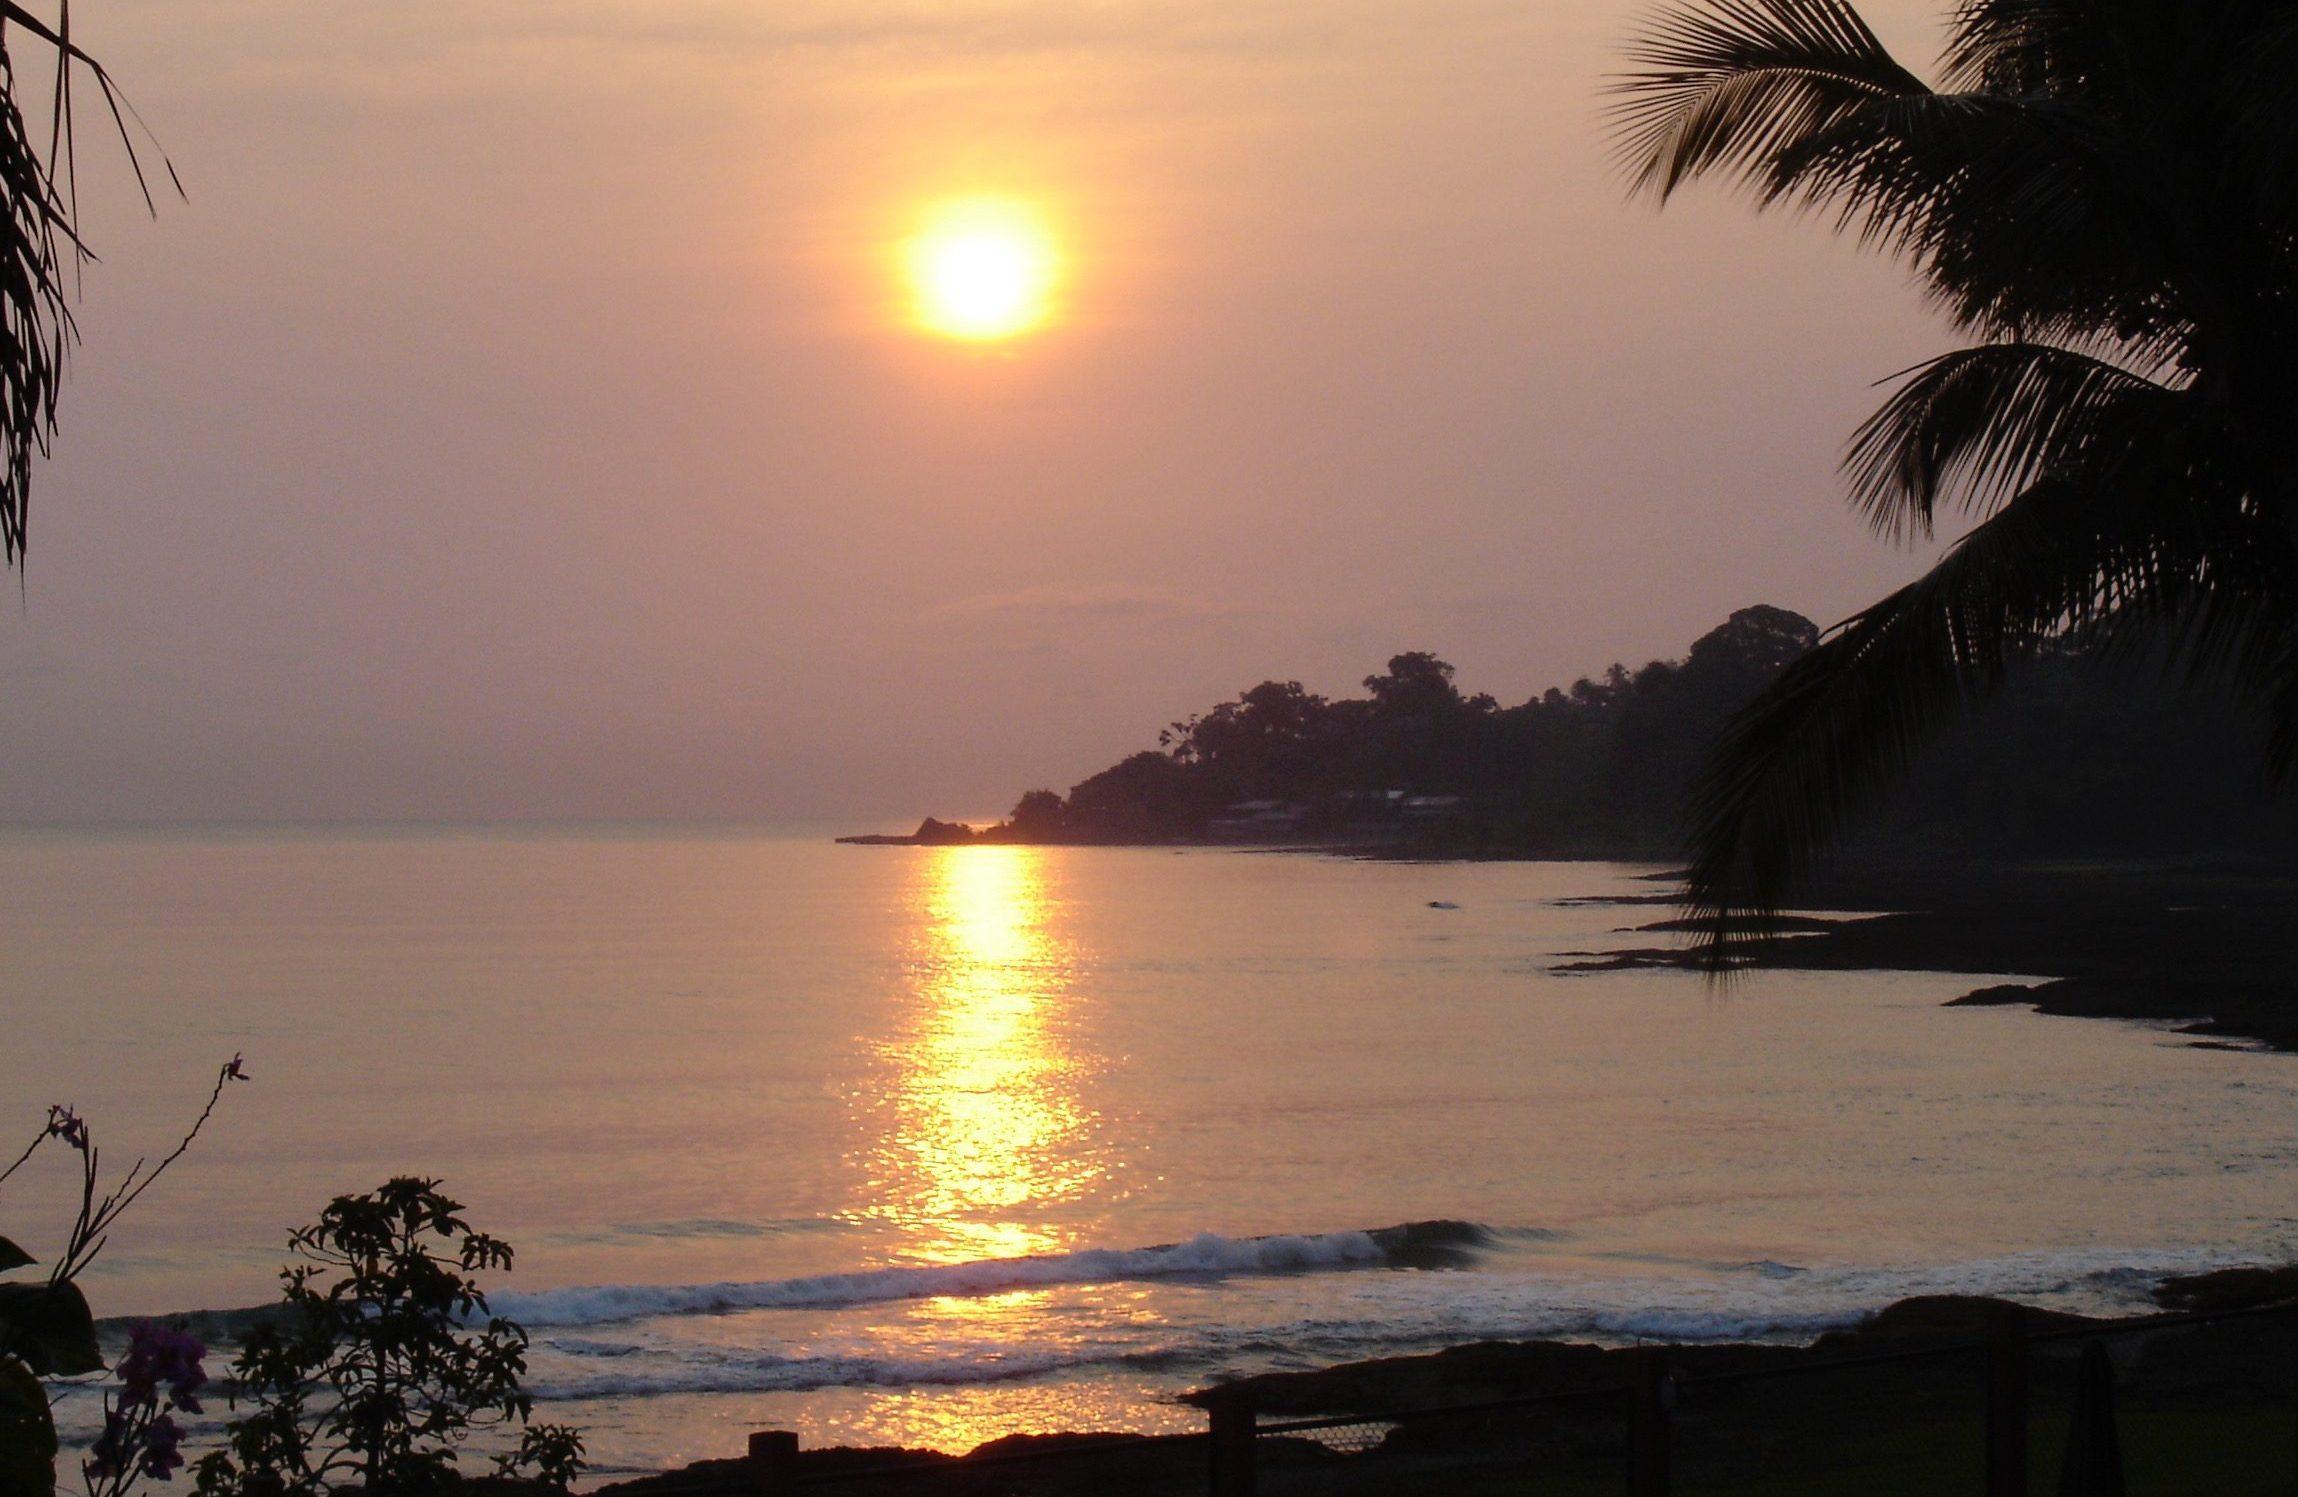 Costa Ricas solnedgange er nogle af de smukkeste